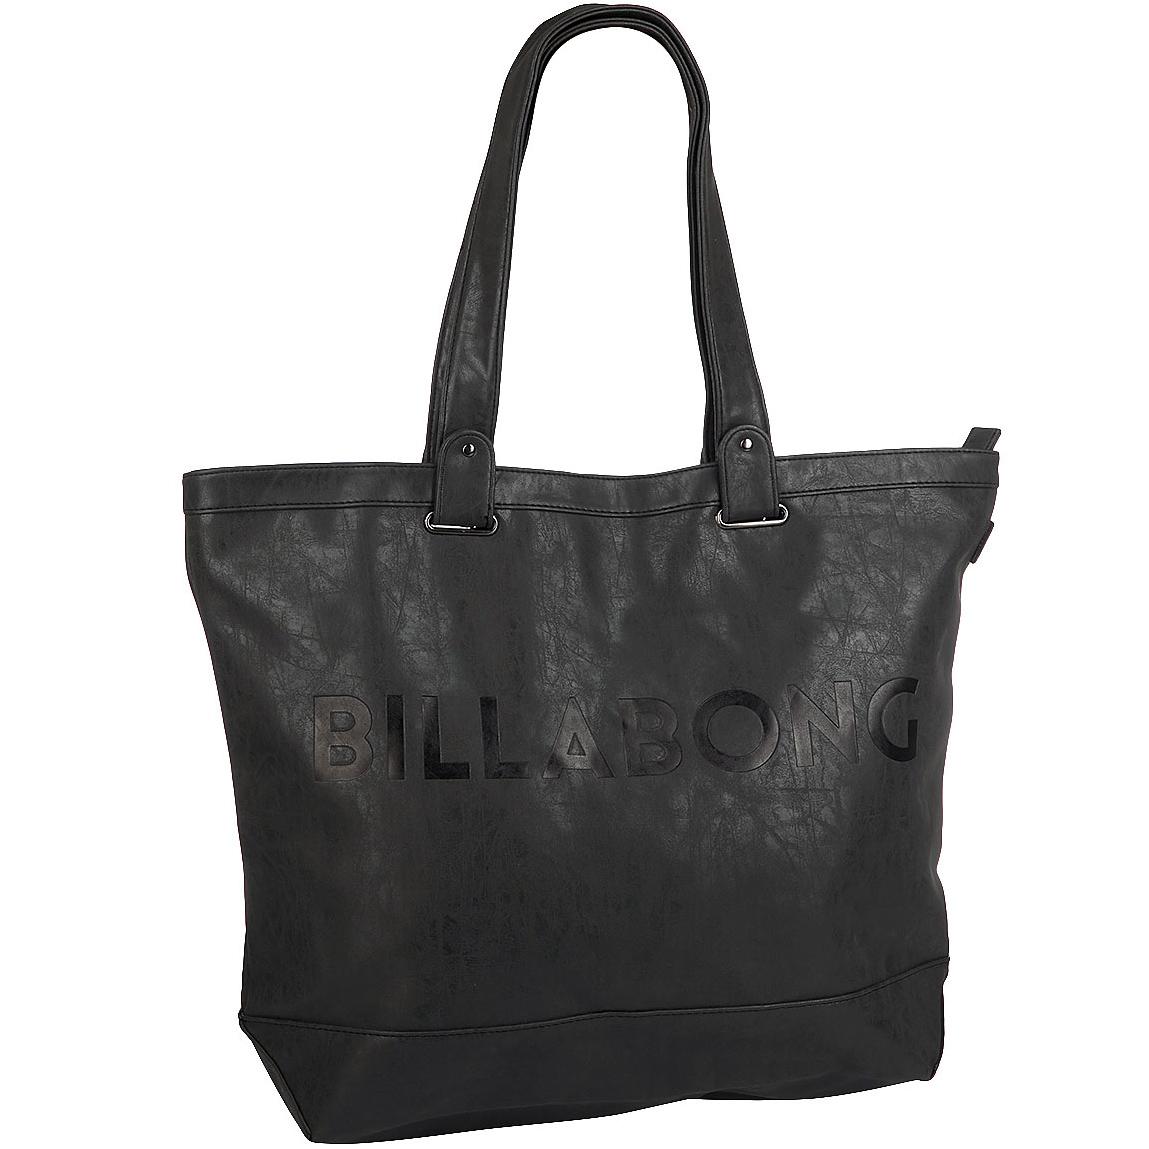 Сумка женская Billabong Essential Plus, цвет: черный, 25 л. Z9BG13MW-1462-01-SR серебристыйВместительная сумка с простой внутренней организацией. Лаконичный крой, дополненный внутренним карманом на молнии, который позволит быстро находить необходимые мелочи, позволит вместить множество вещей.